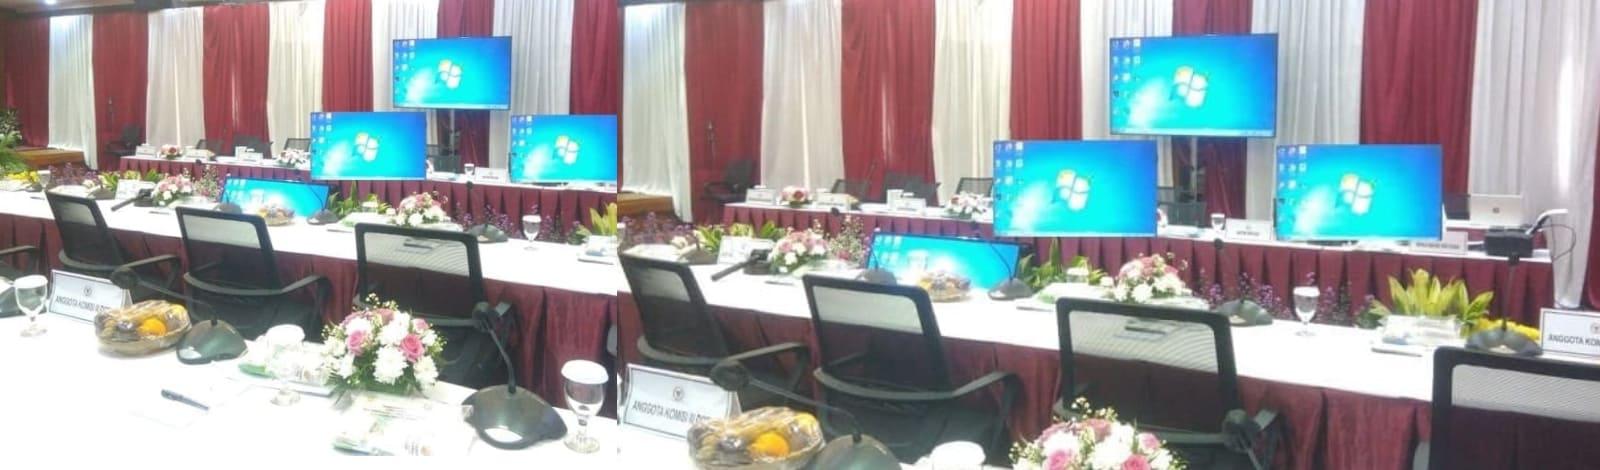 Sewa Mic Meeting | Rental Delegate Microphone | Penyewaan Conference Microphone | Mic Meja Rapat Harga Murah